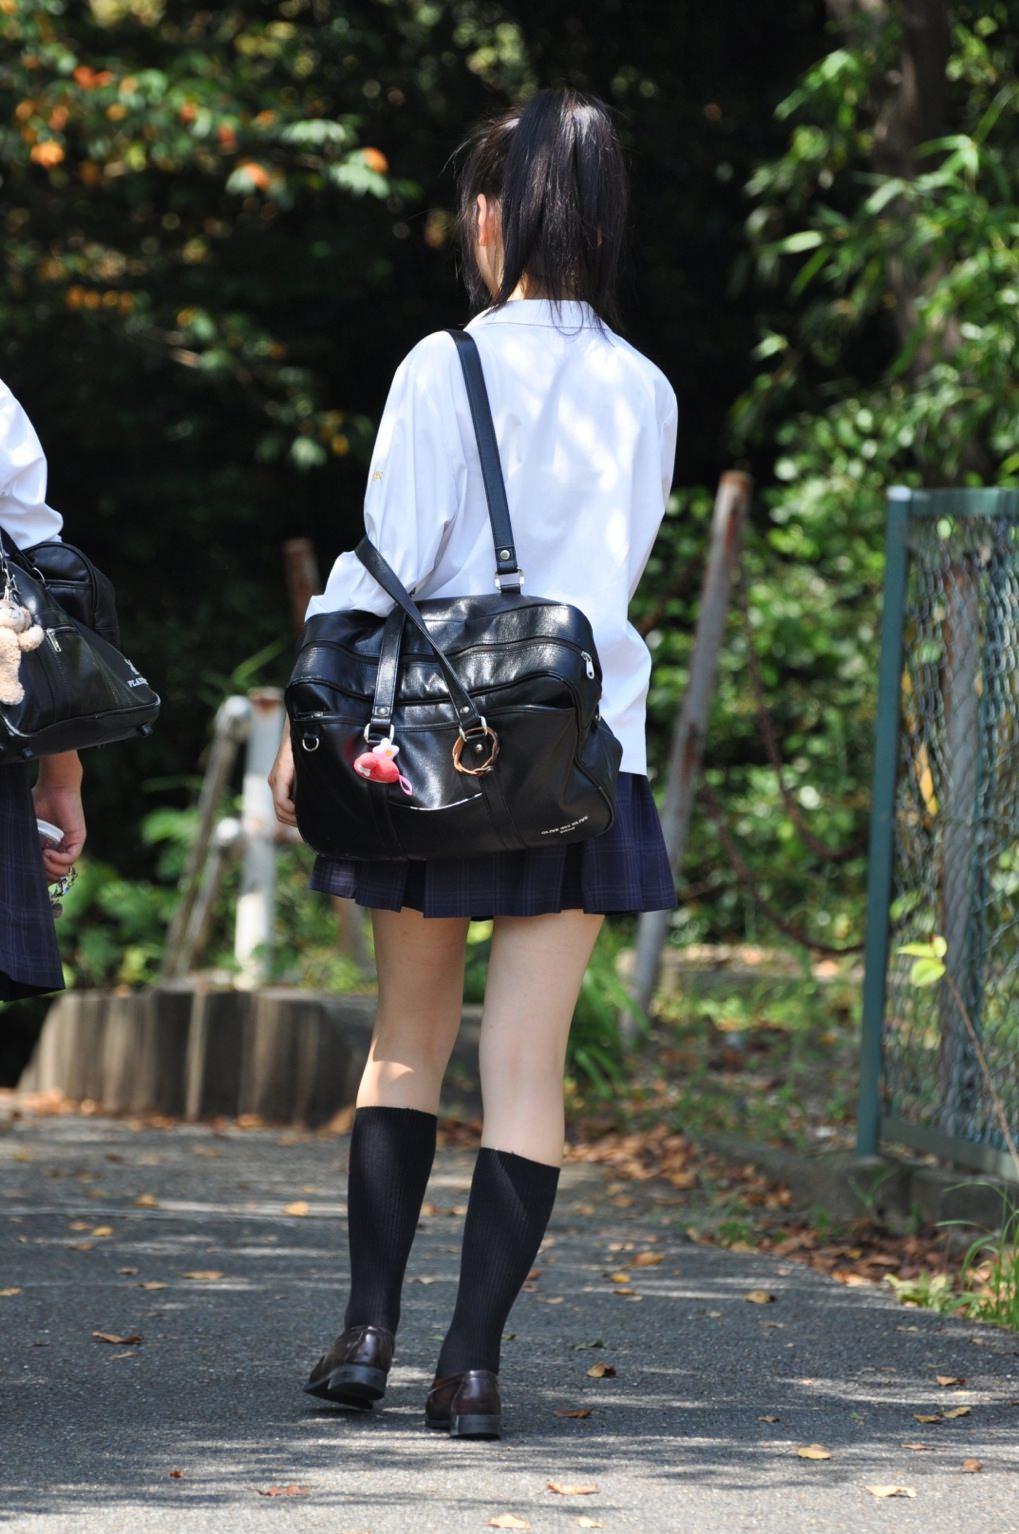 偶然見えちゃった女子校生のお尻が可愛かったエロ画像 vbbvkhp